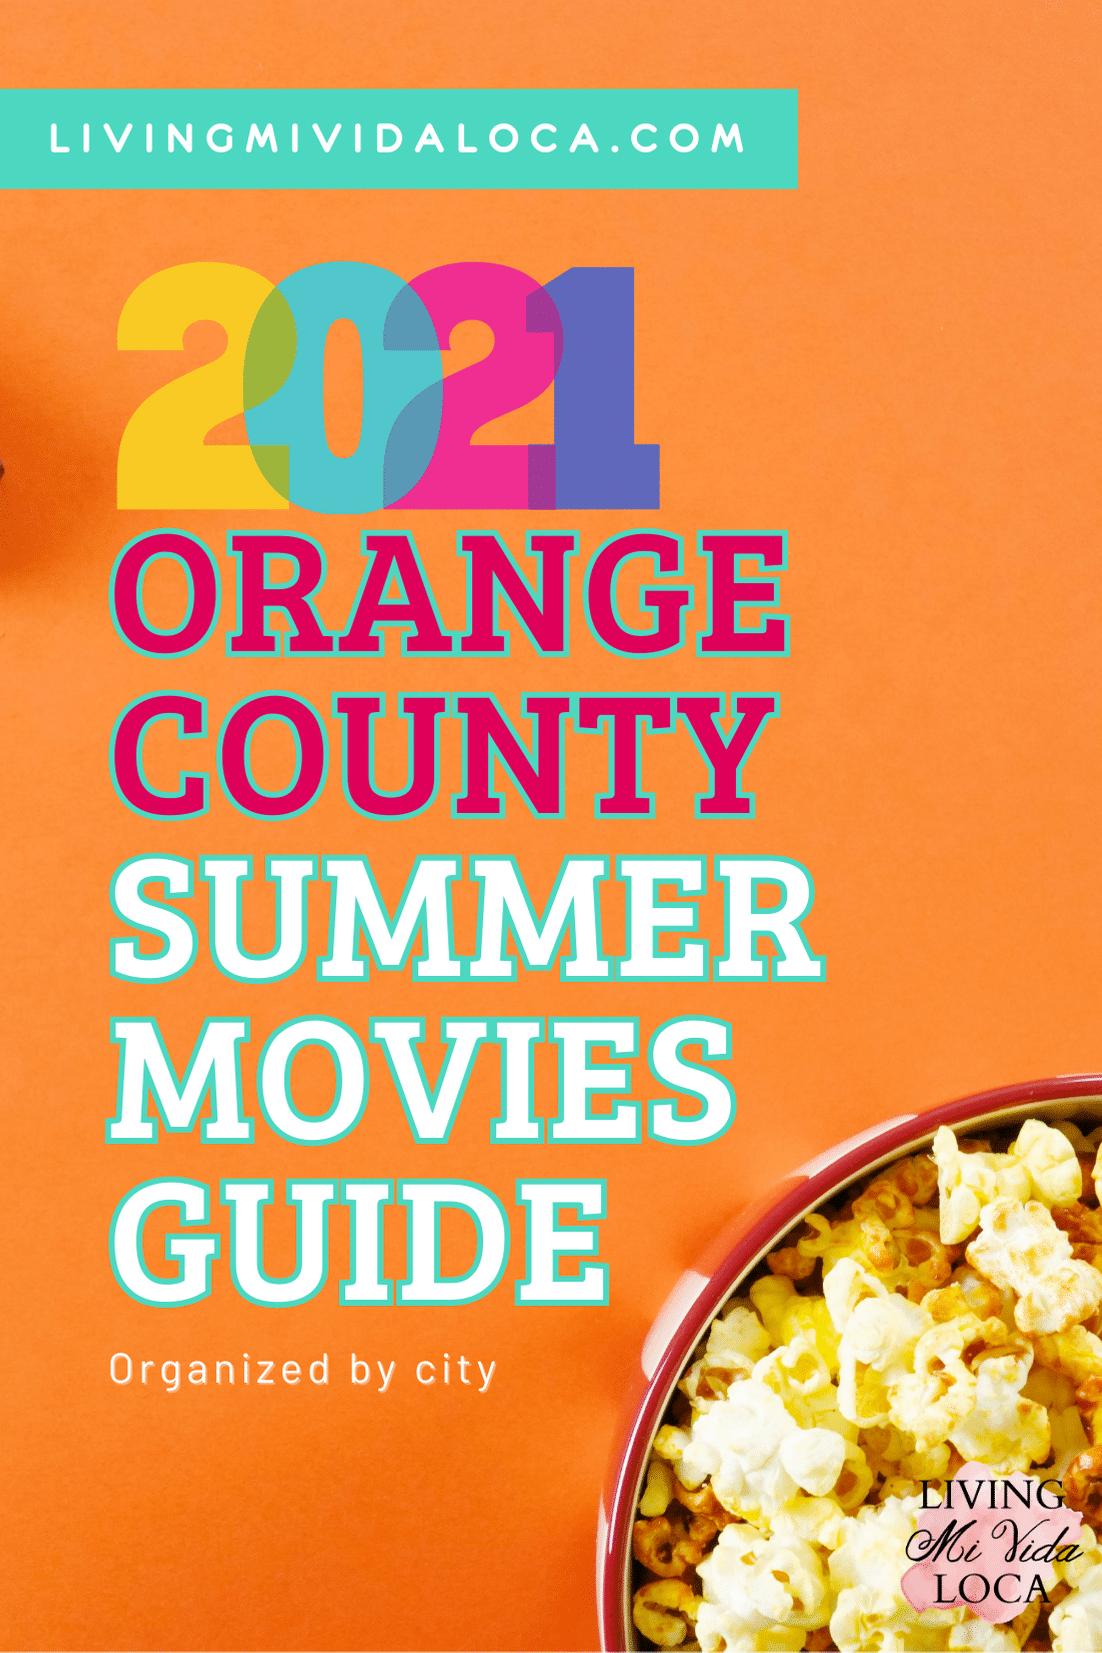 2021 Orange County Summer Movies Guide - livingmividaloca.com